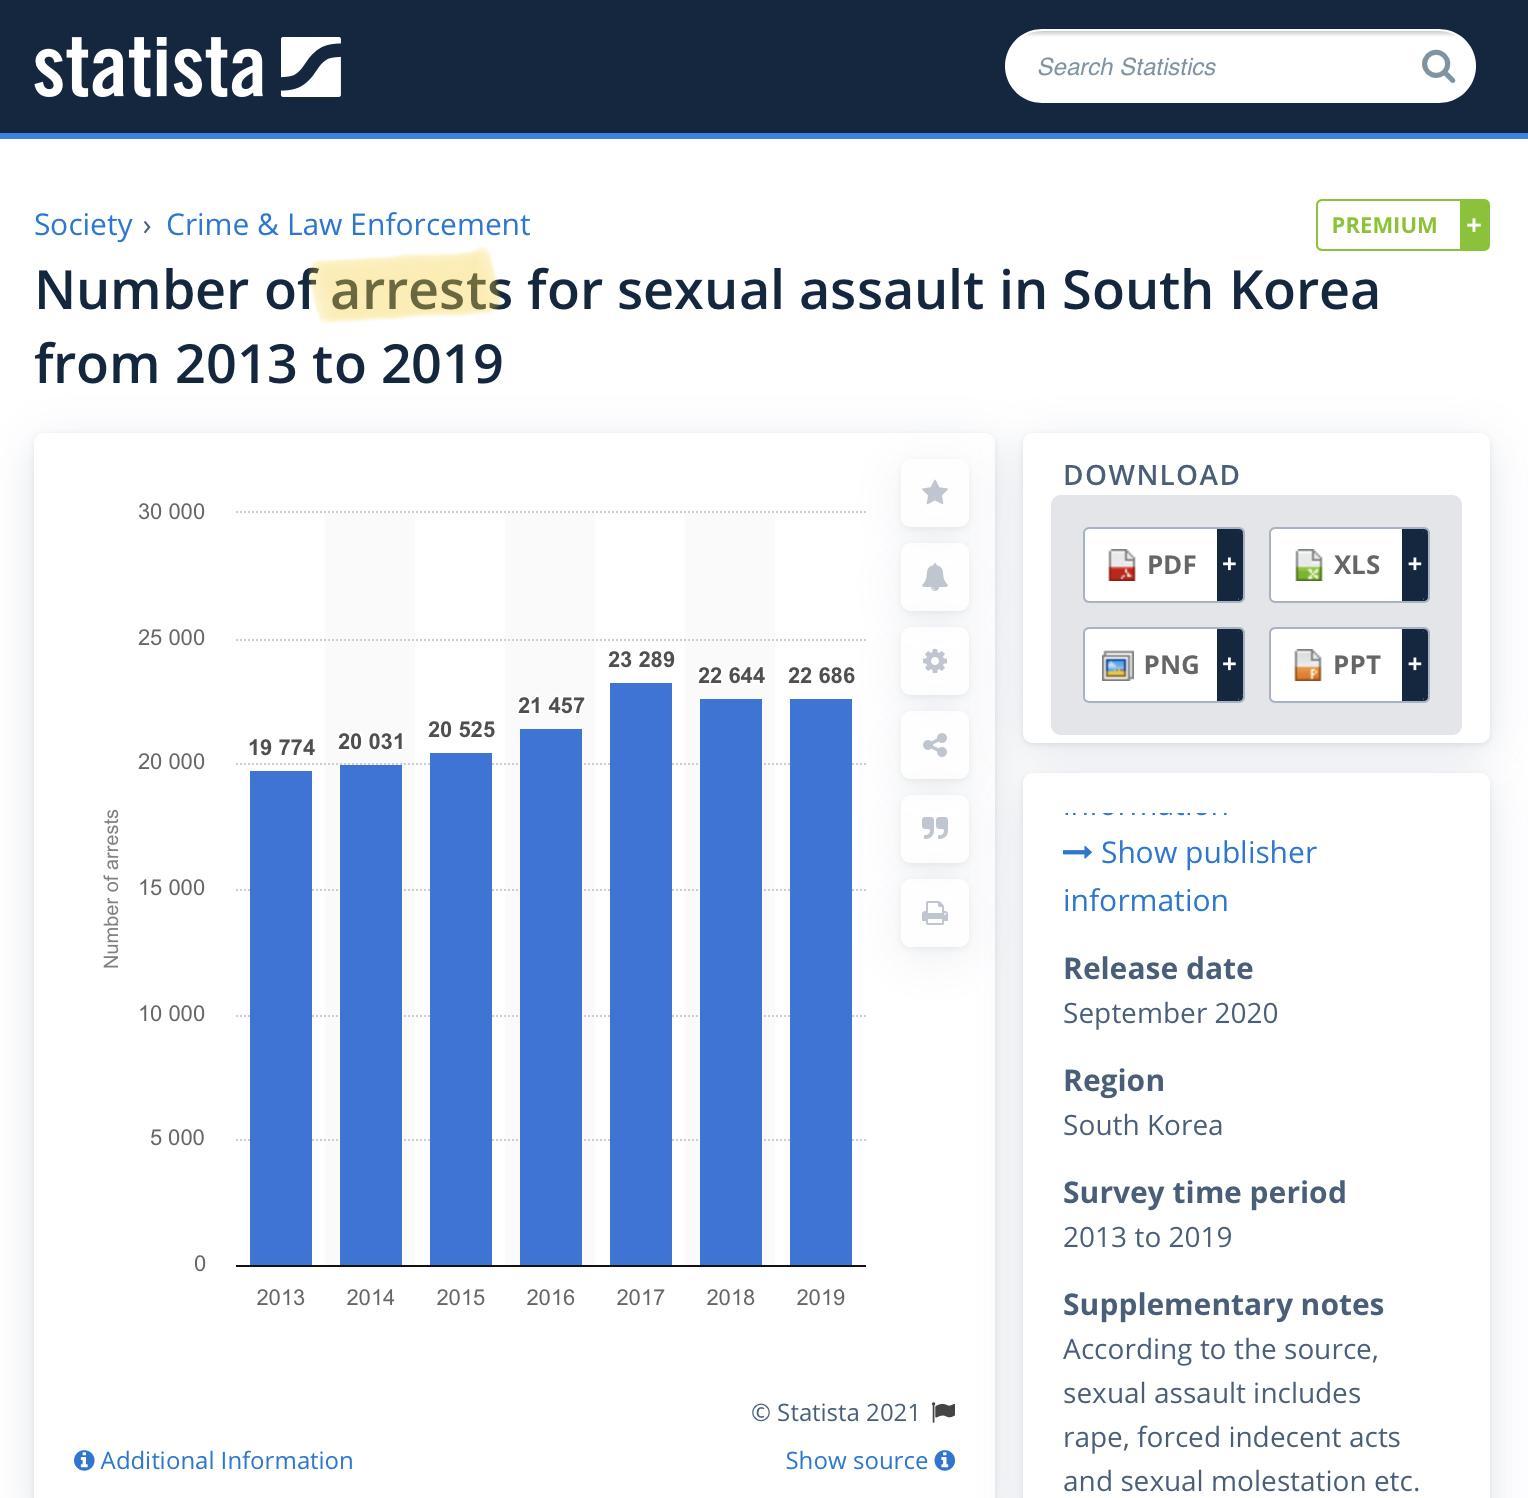 رد: منزل بنت سعودية في كوريا الجنوبية بتنصدمون من التقنية